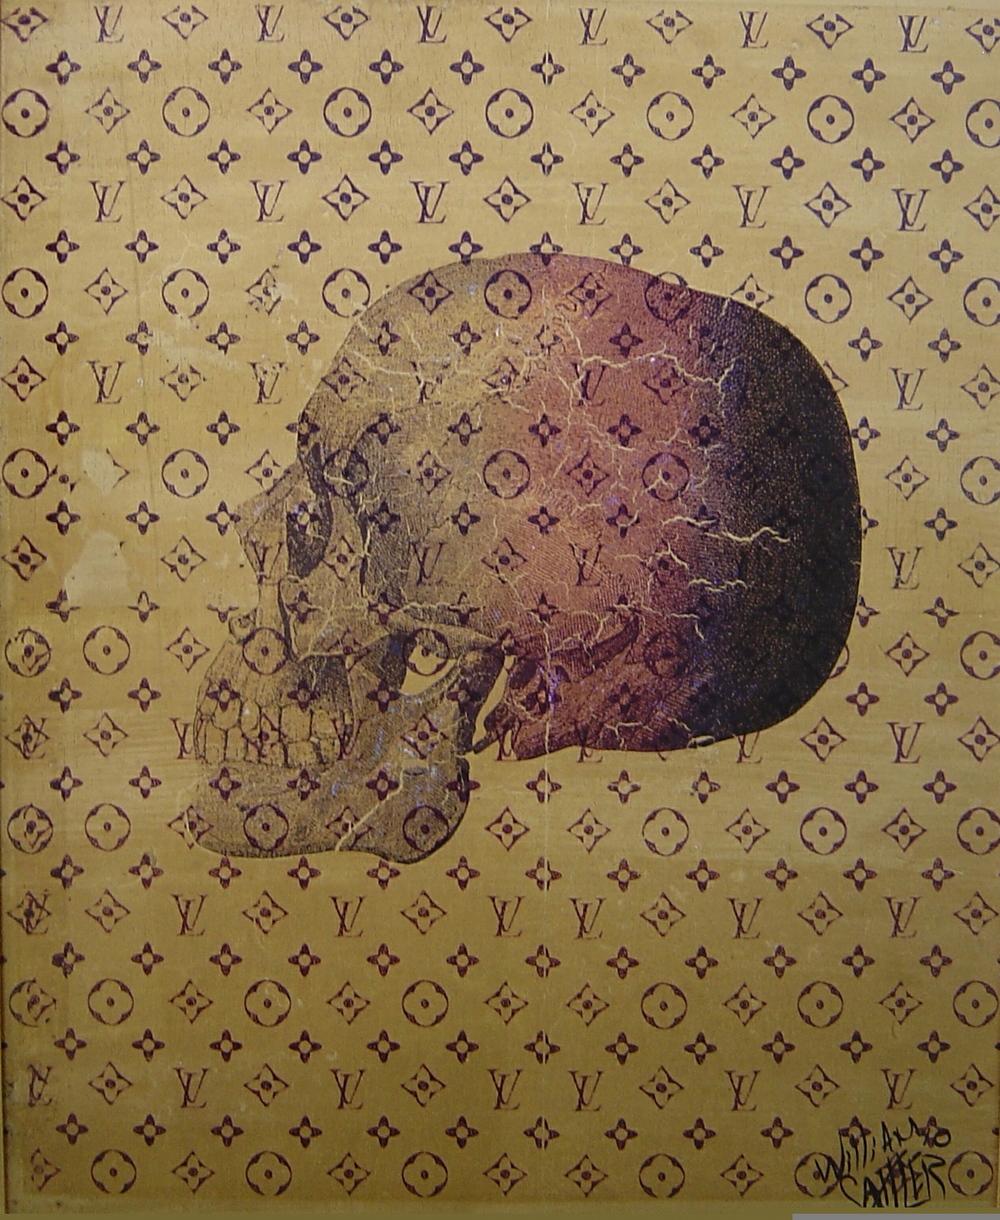 LV Skull